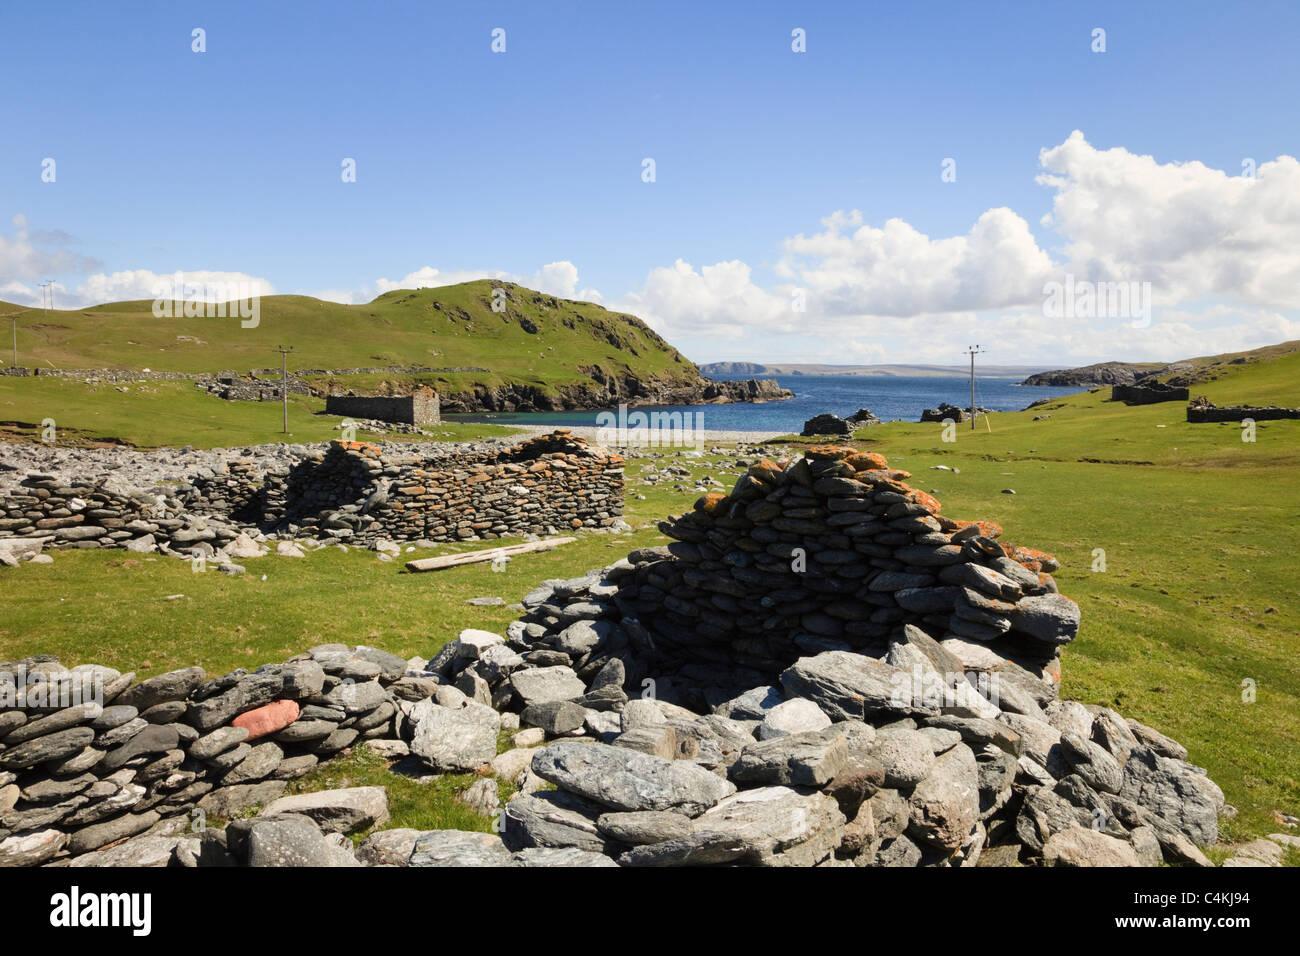 Derelict fishing lodges at old Haaf station heritage site. Fethaland, Northmavine, Shetland Islands, Scotland, UK - Stock Image